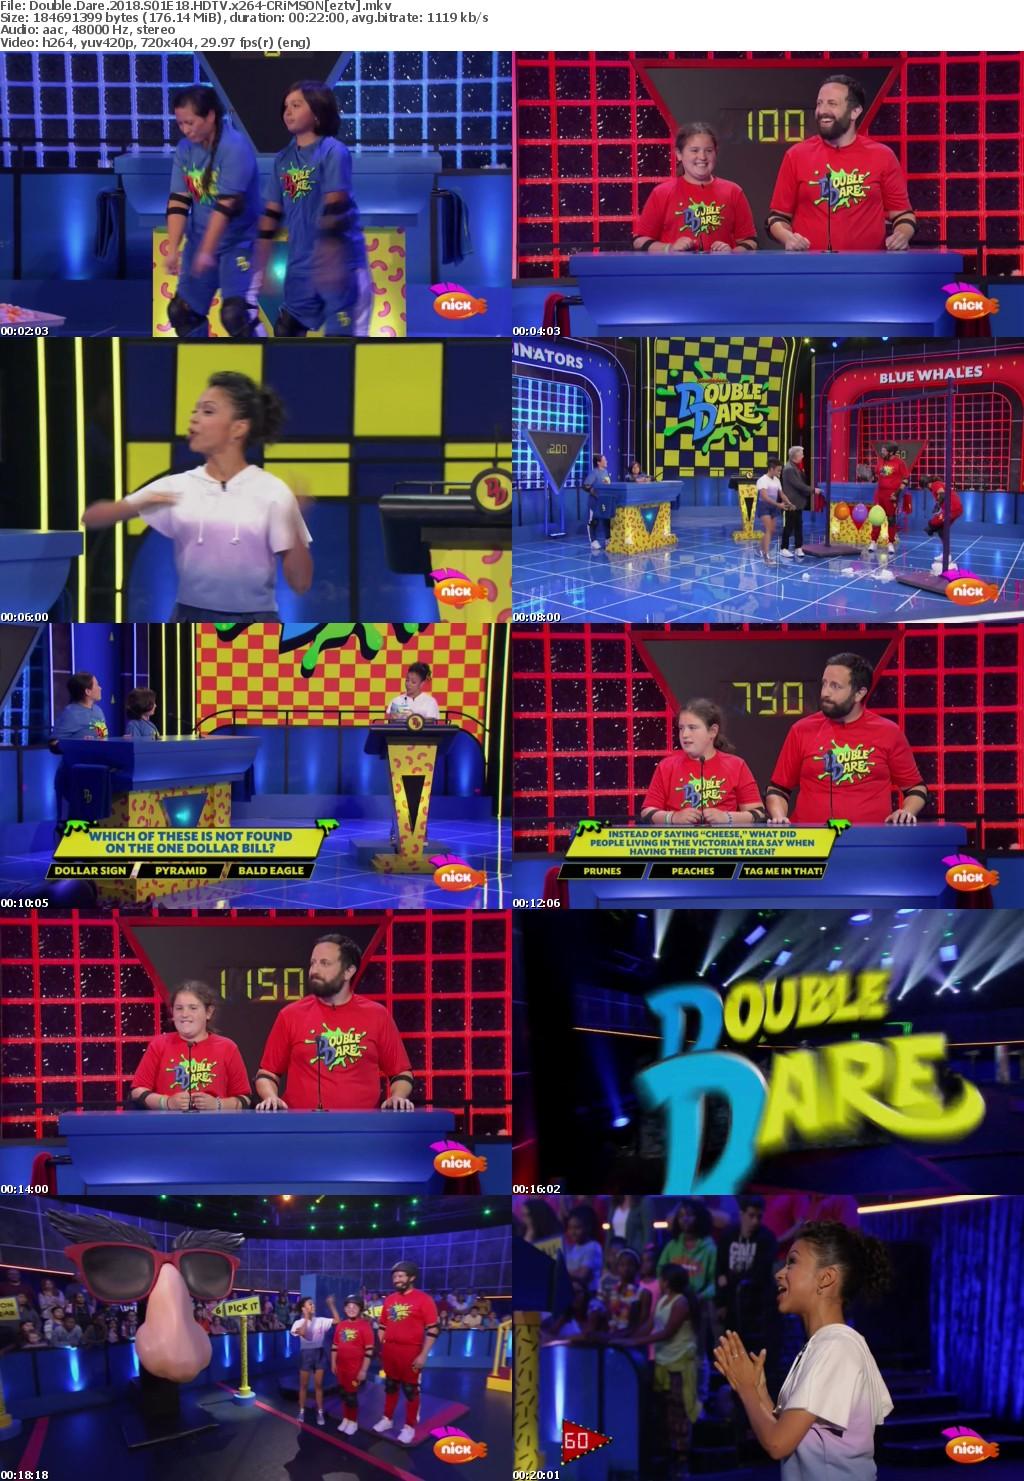 Double Dare 2018 S01E18 HDTV x264-CRiMSON